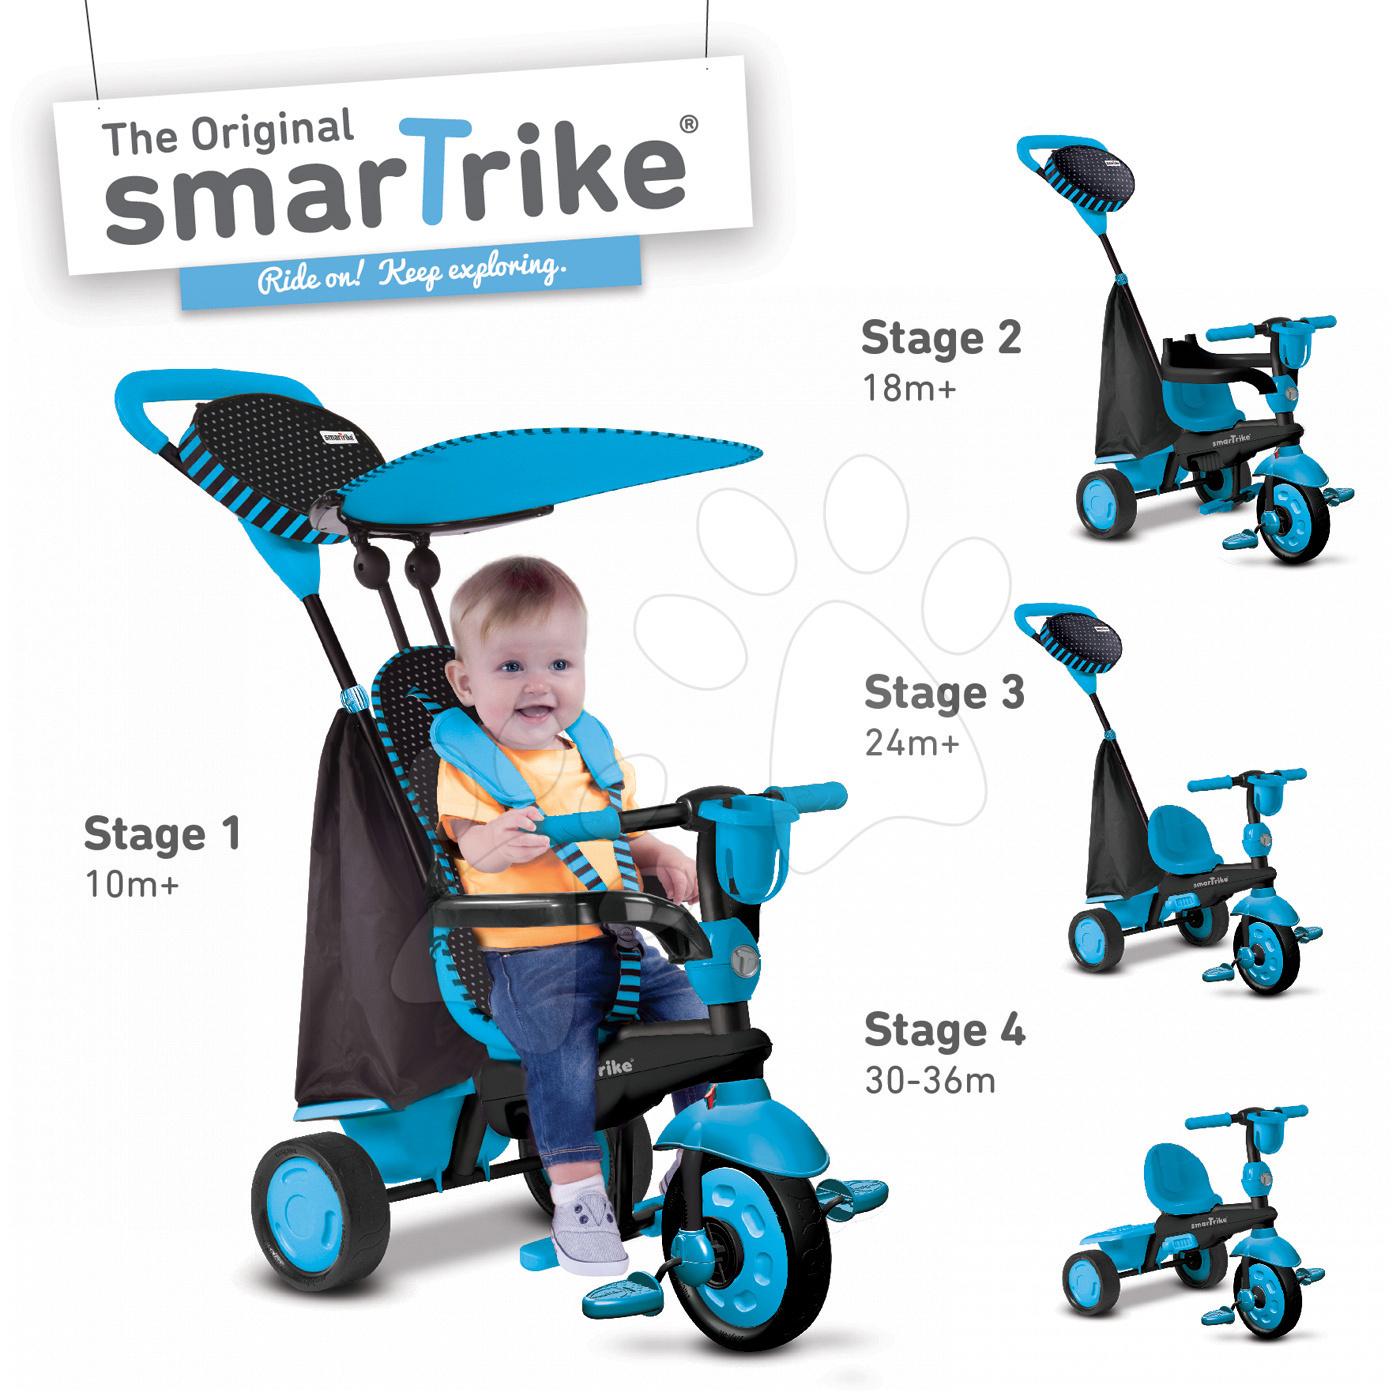 Trojkolky od 10 mesiacov - Trojkolka Spark Blue Touch Steering 4v1 smarTrike modro-čierna od 10 mes